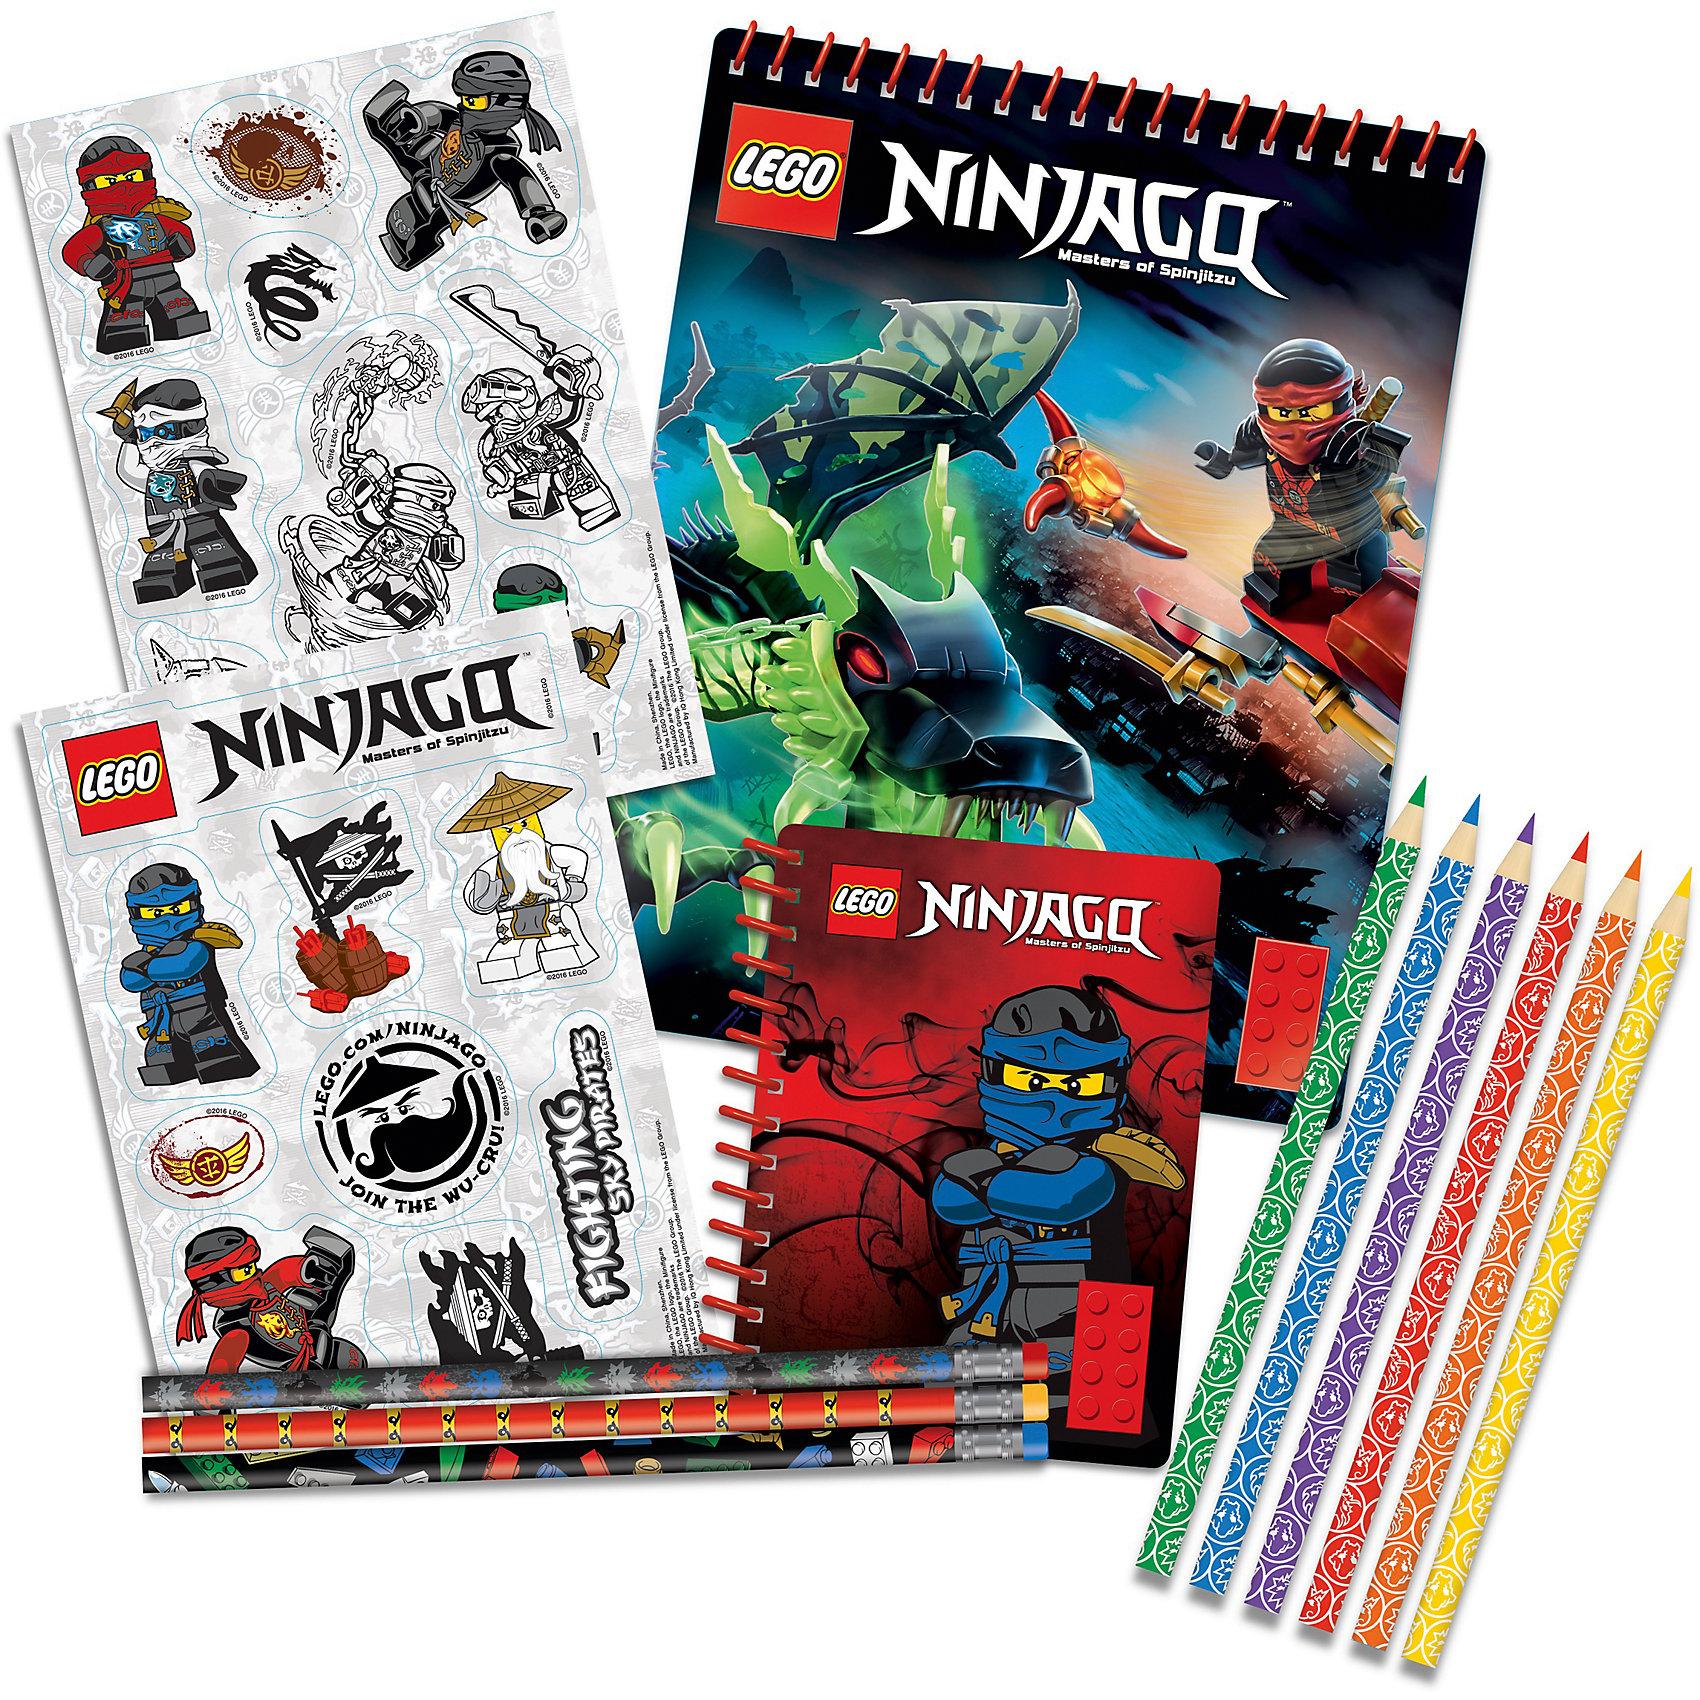 Набор канцелярских принадлежностей, 13 шт. в комплекте, LEGOАльбом для рисования на спирали (1 шт.) 60 листов, 17,8х0,5х22,8 см<br>Наклейки (2 листа) 12,7х17,7 см<br>Карандаши (3 шт.)<br>Цветные карандаши (6 шт.)<br>Блокнот на спирали (1 шт.) 100 листов,10х1х13,9 см<br><br>Ширина мм: 277<br>Глубина мм: 40<br>Высота мм: 277<br>Вес г: 600<br>Возраст от месяцев: 36<br>Возраст до месяцев: 72<br>Пол: Мужской<br>Возраст: Детский<br>SKU: 5529388